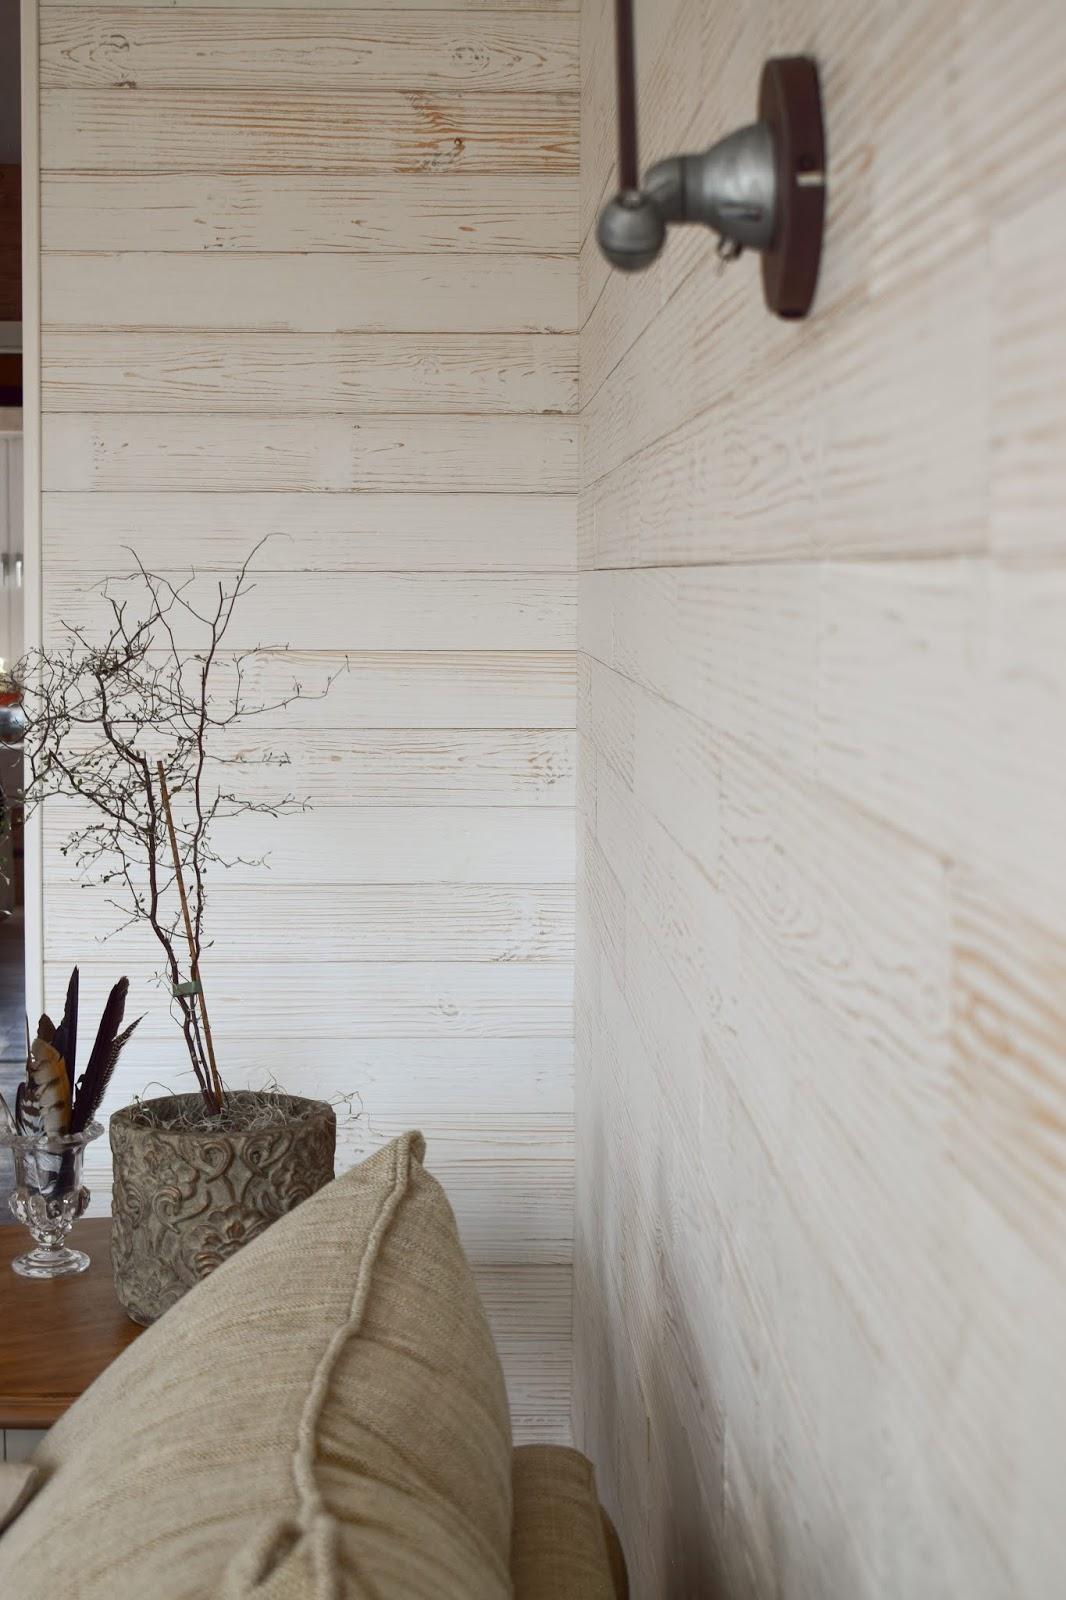 Holzverkleidung für die Wand mit Wandwood Paneele einfach kleben. Anleitung Holzwand verkleiden und selbermachen. Wandgestaltung für Wohnzimmer aus Holz. Ideen für innen. DIY Verkleidung aus Holz selber anbringen Renovierung renovieren Holzpaneele Fertigpaneele